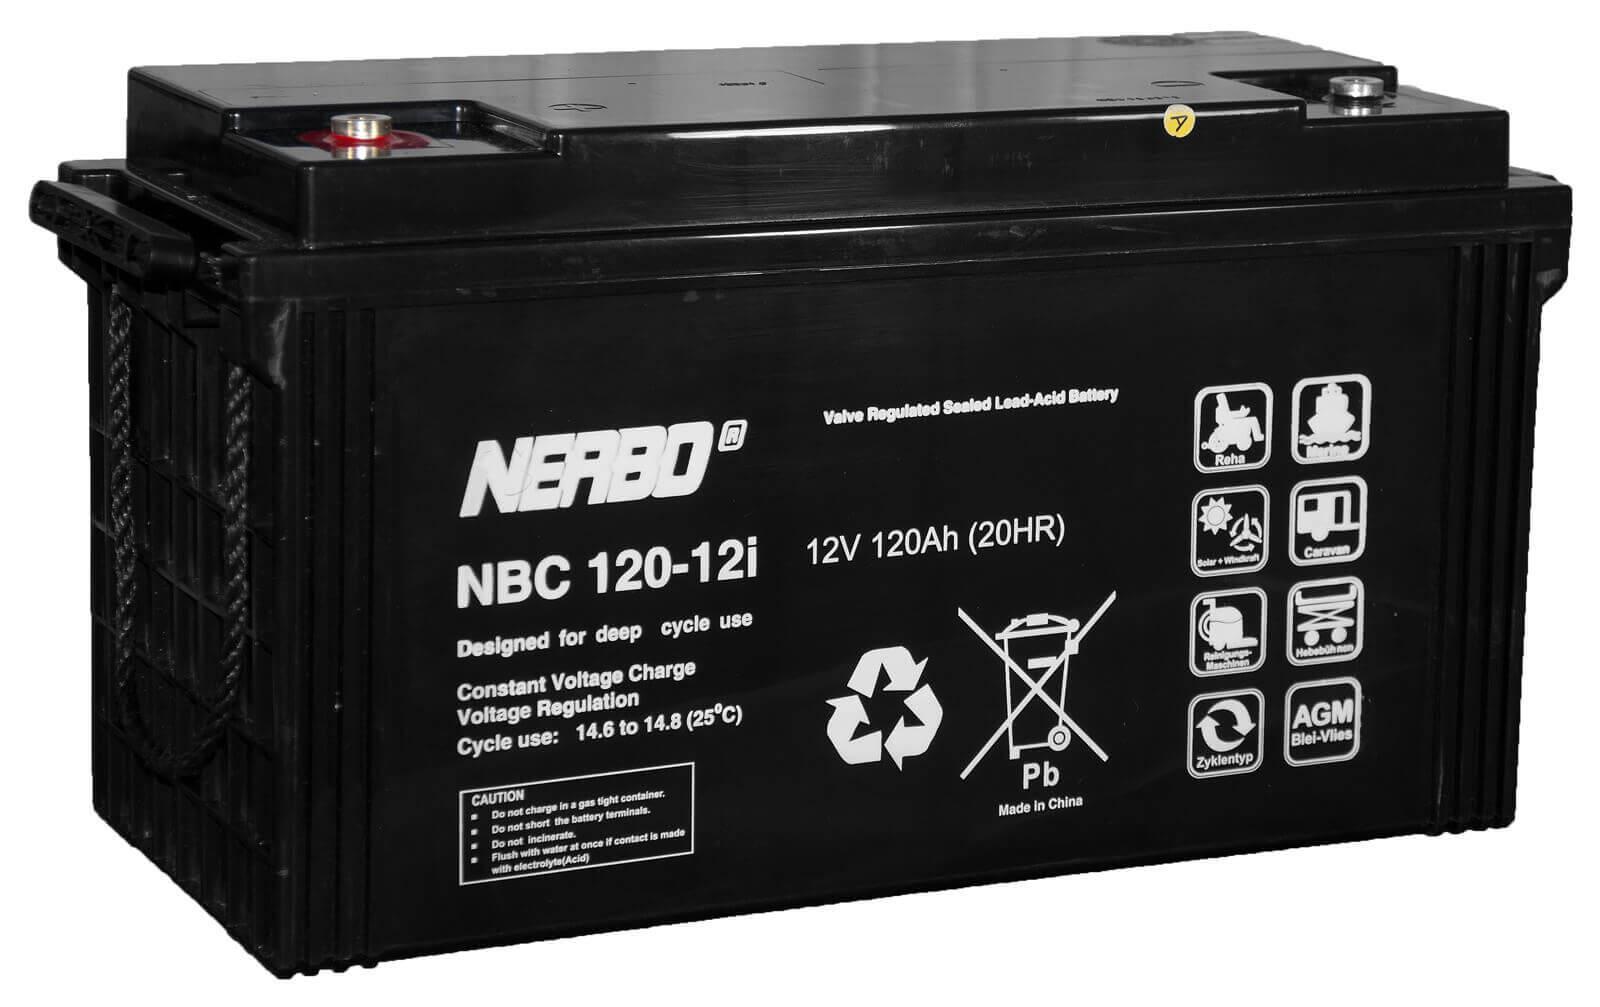 Nerbo NBC 120-12i - 12V 120Ah VRLA-AGM Akku Batterie Zyklentyp